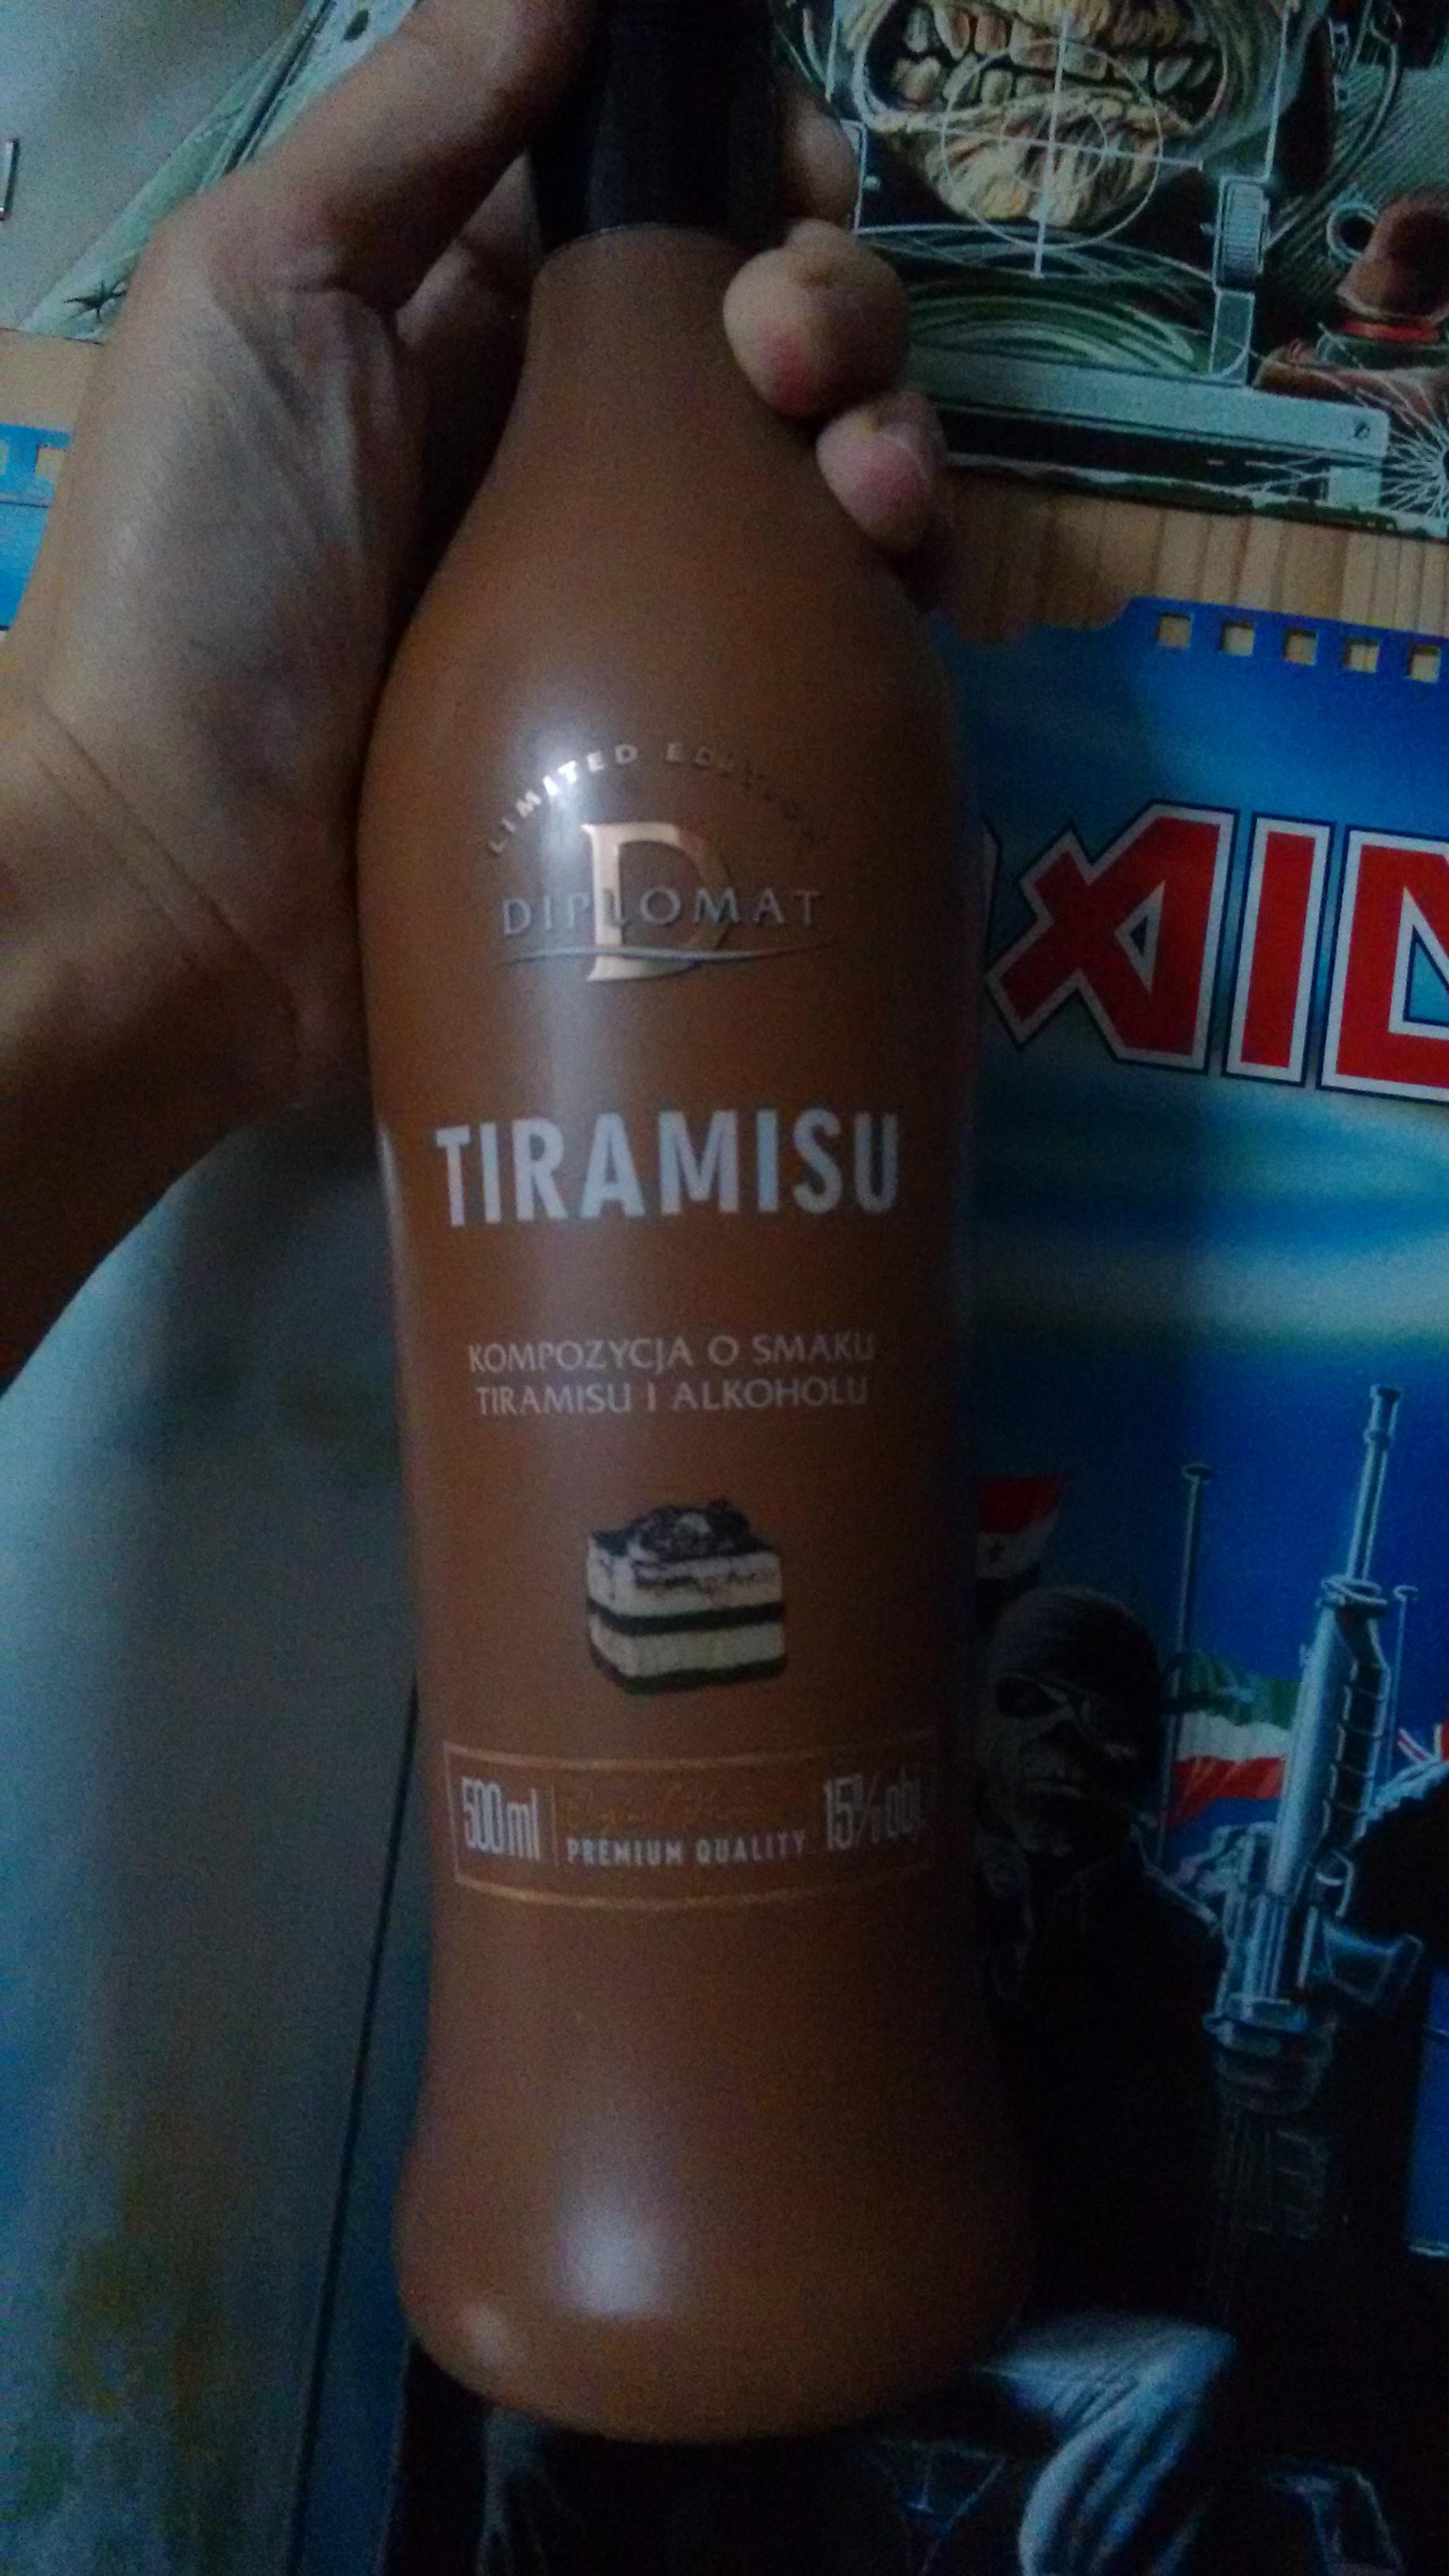 Likier w świątecznych smakach: Tiramisu, Marcepan, Pistacja, Słony Karmel, Kokos.